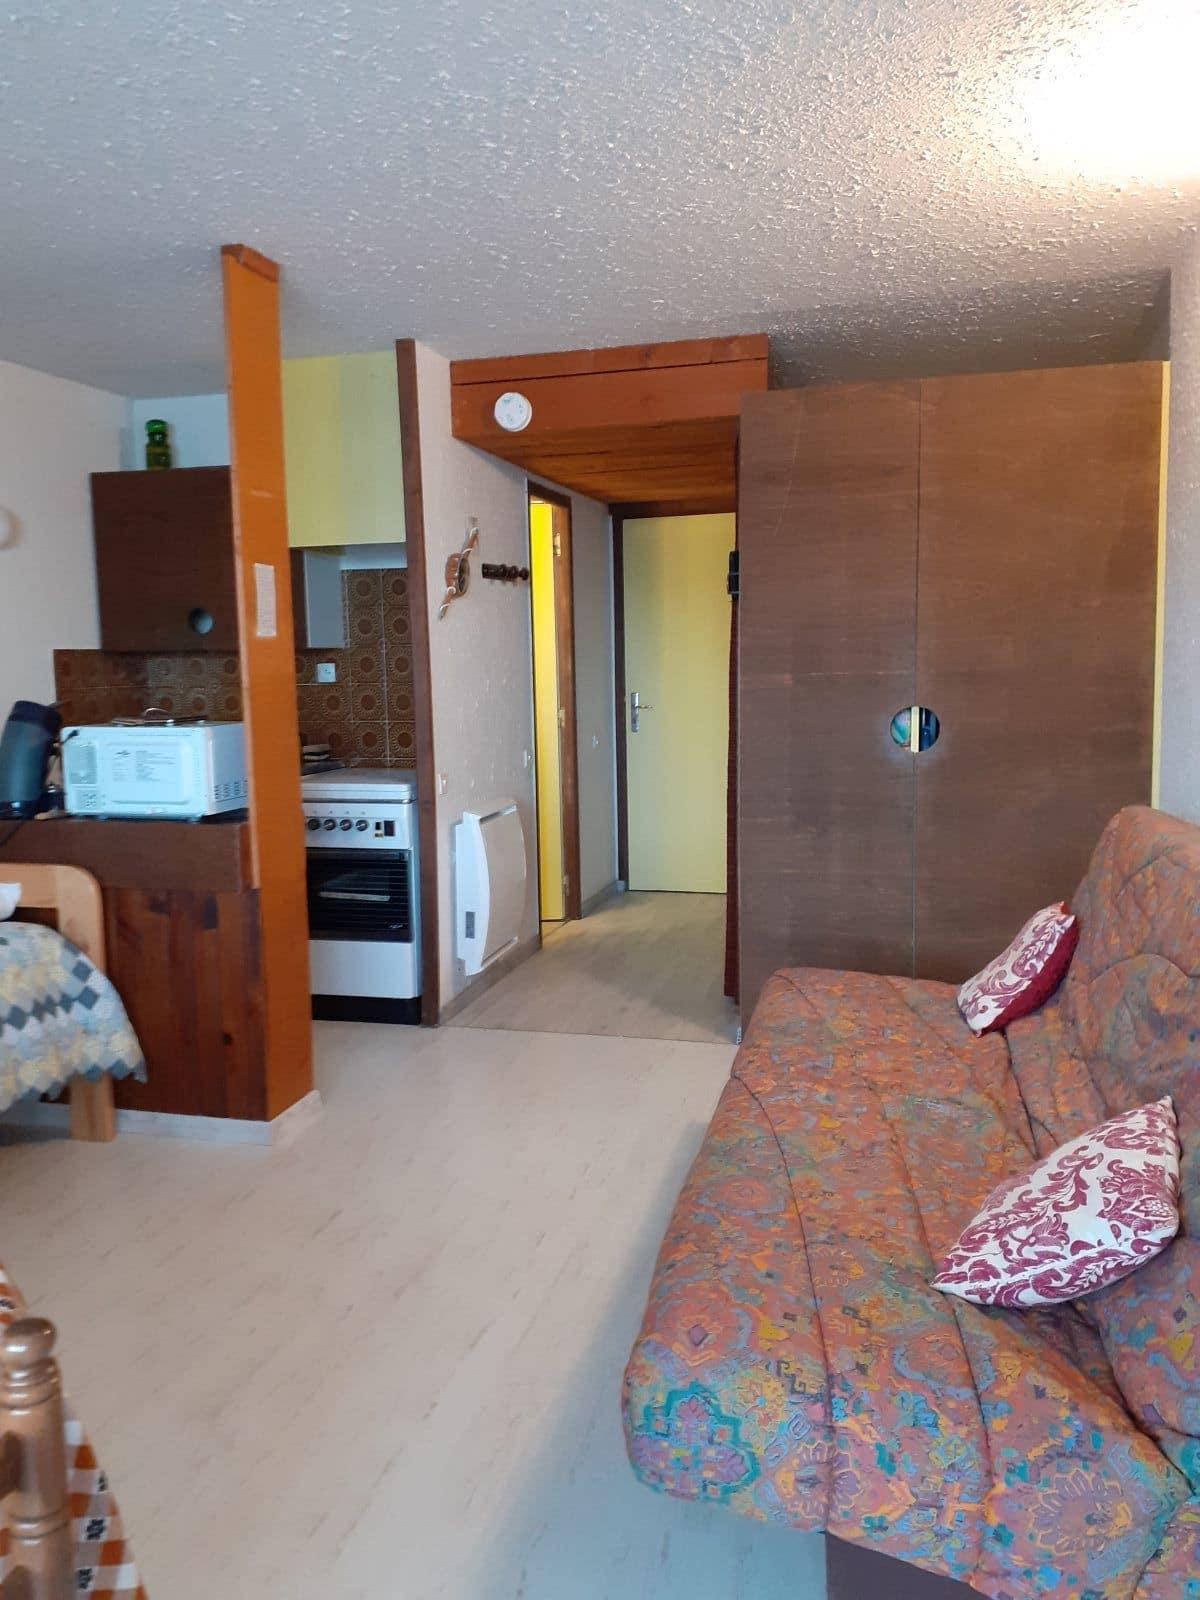 20201214 161117 - ANCELLE STUDIO DE 27 m² ( 5 COUCHAGES) AVEC BALCON